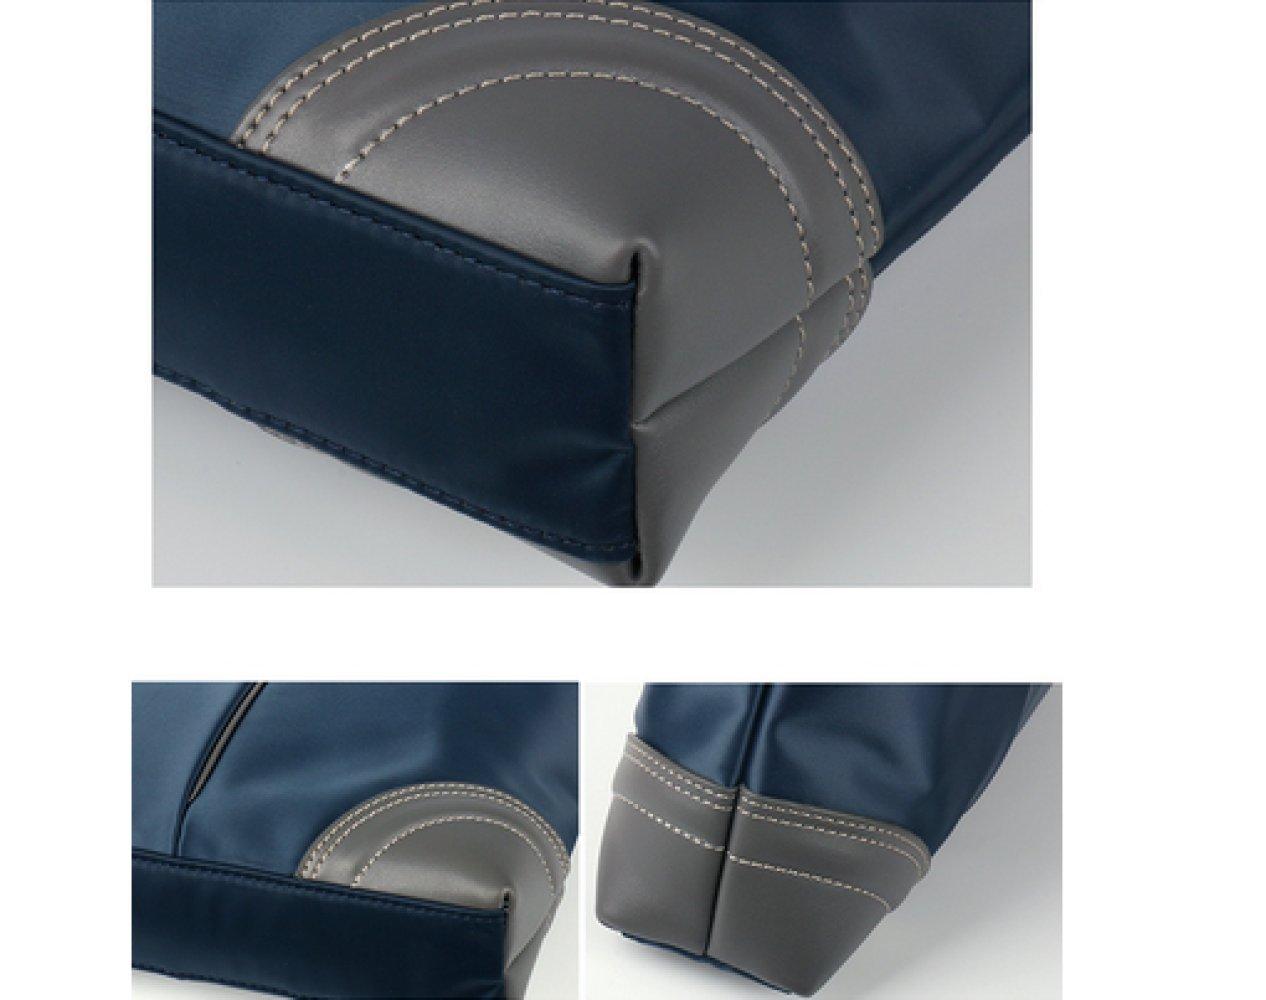 British Style Casual Men's Bag Waterproof Oxford Cloth Handbag Briefcase Shoulder Messenger Bag,Black-L by NUGJHJT (Image #8)